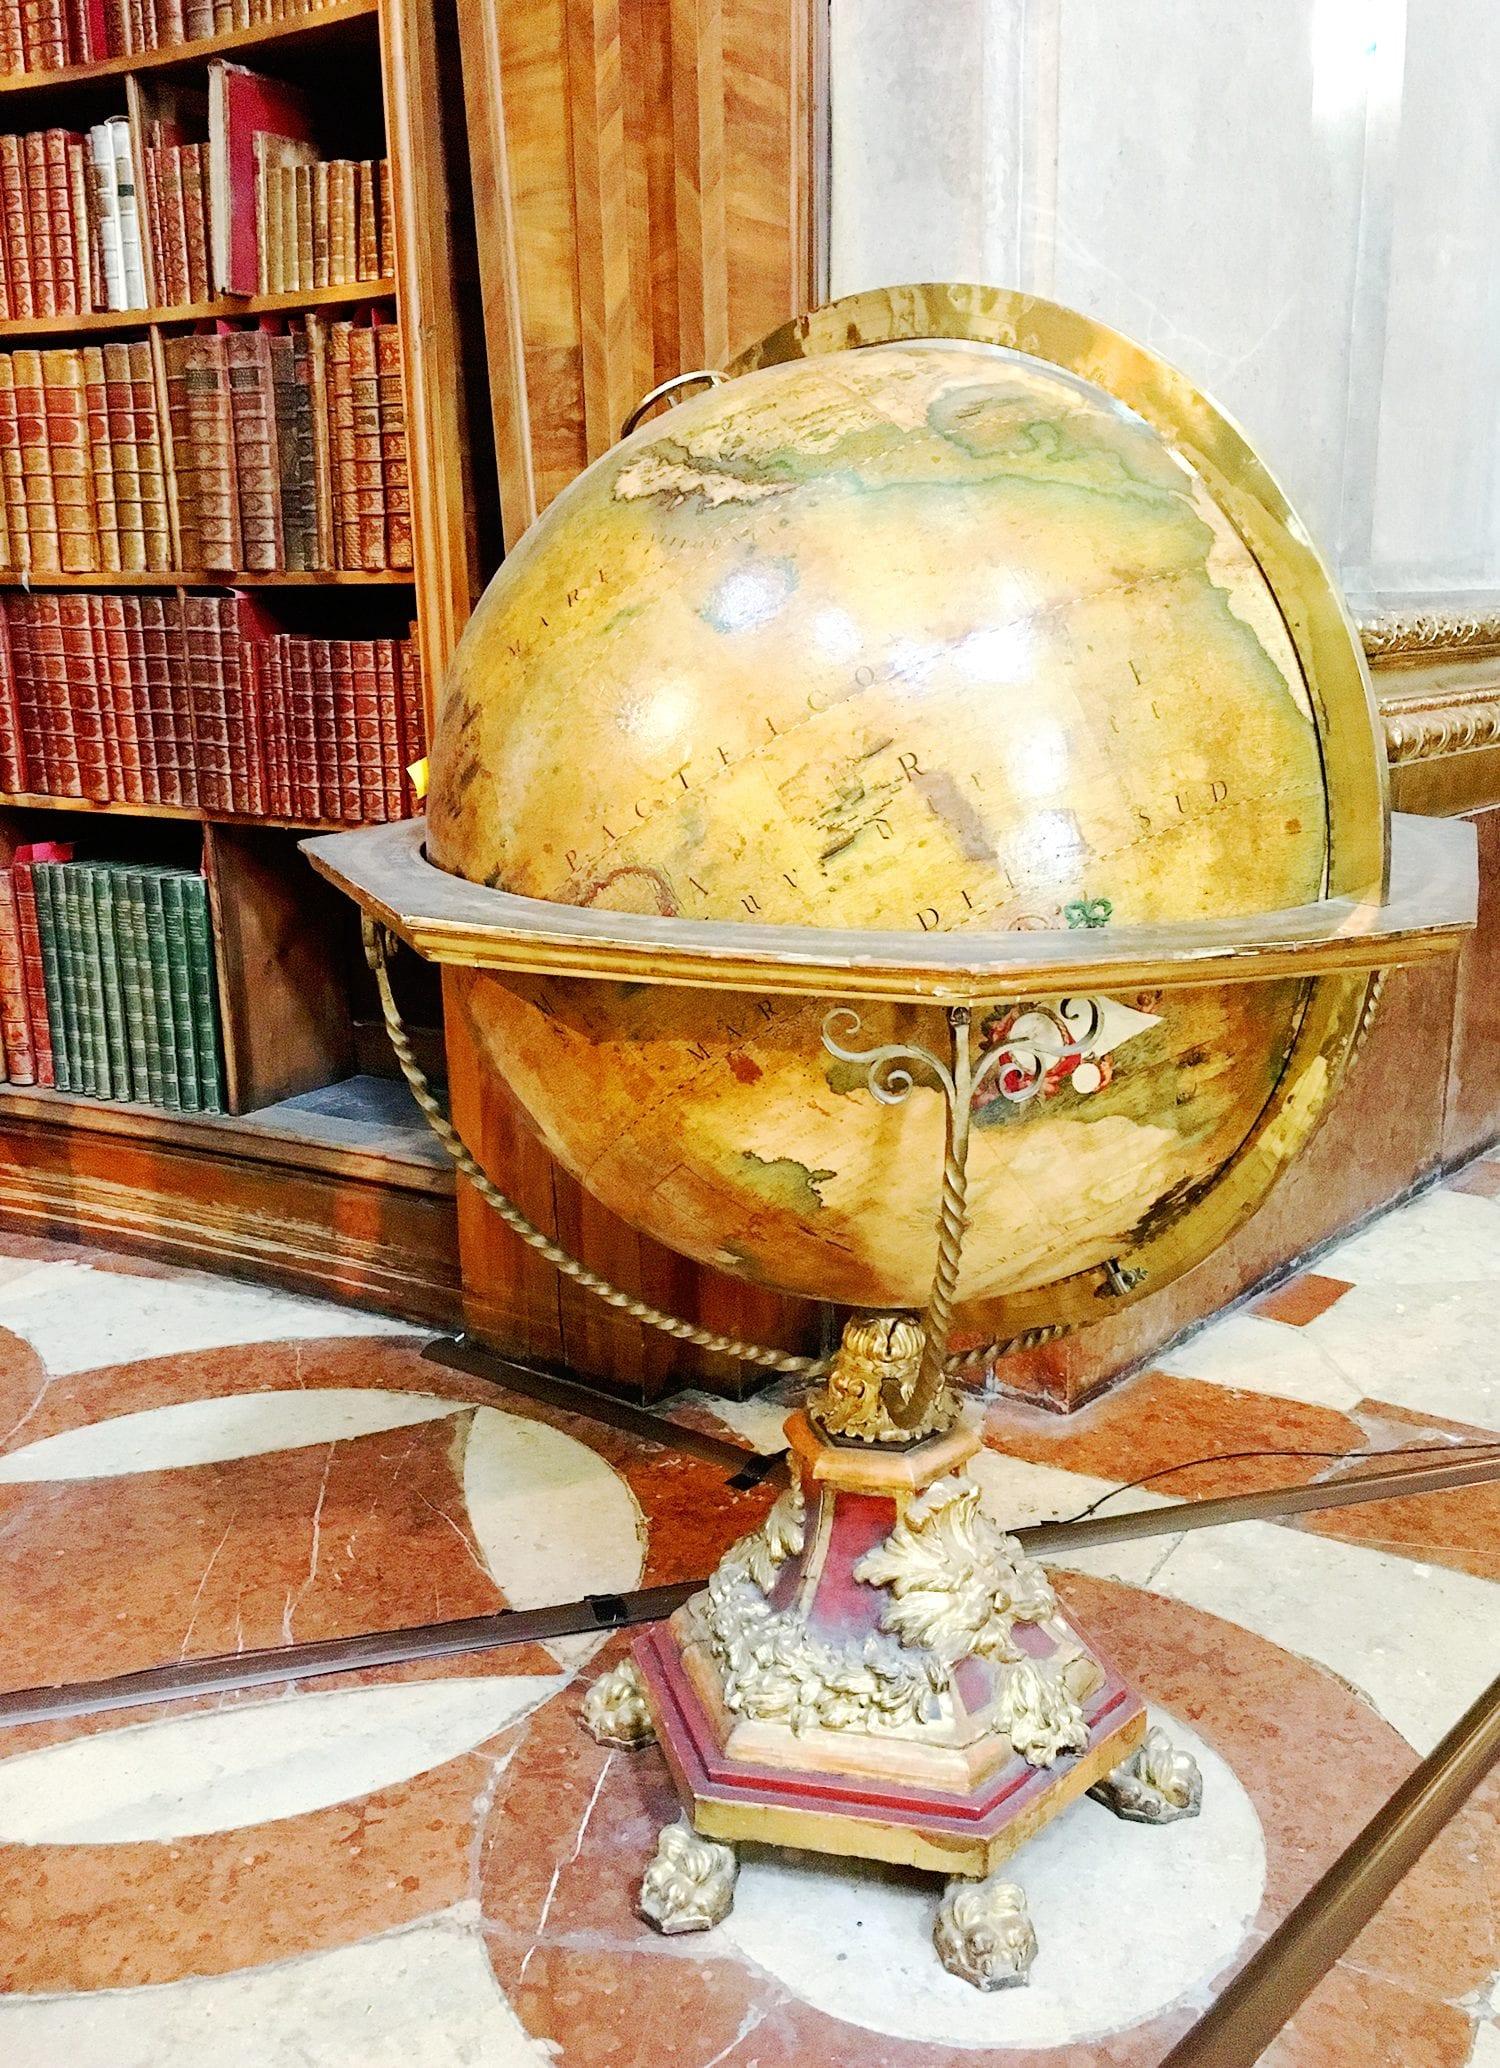 Venetian globe